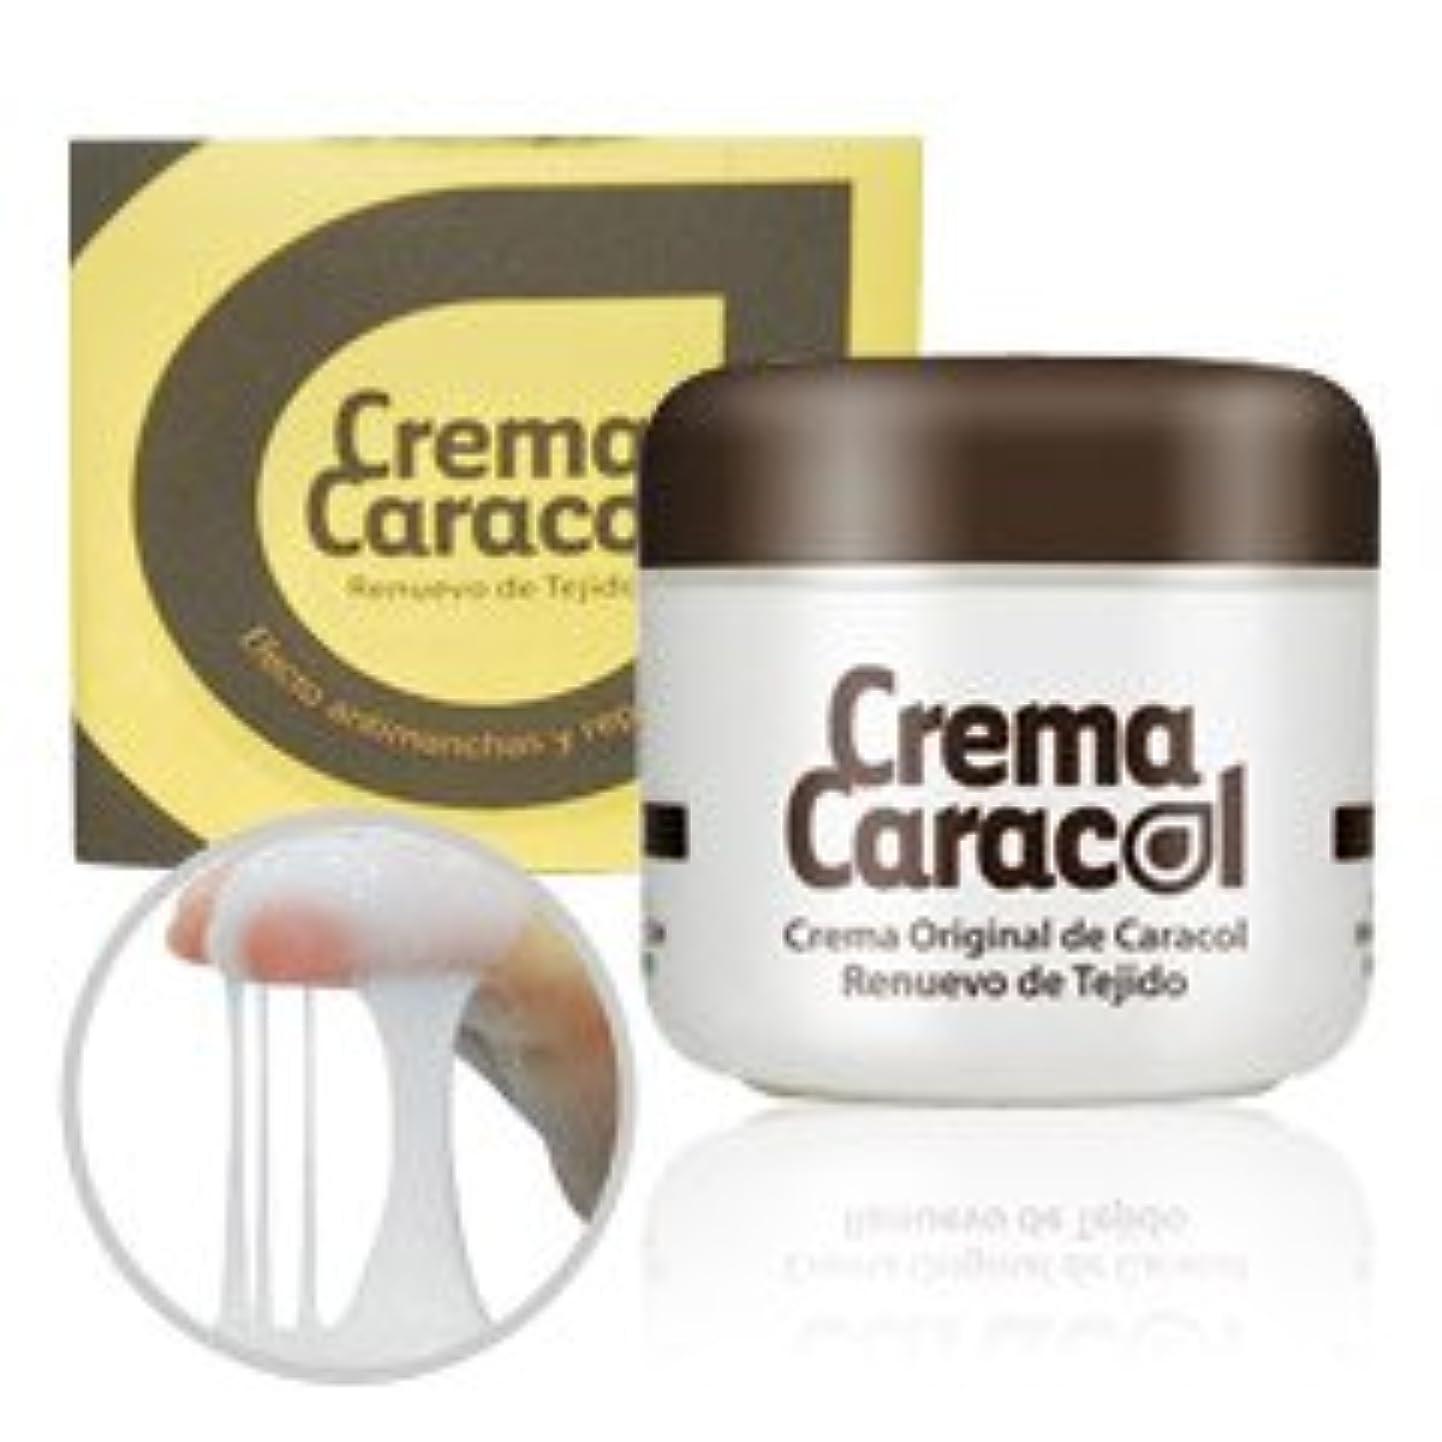 ホイスト賄賂要旨crema caracol(カラコール) かたつむりクリーム 3個セット